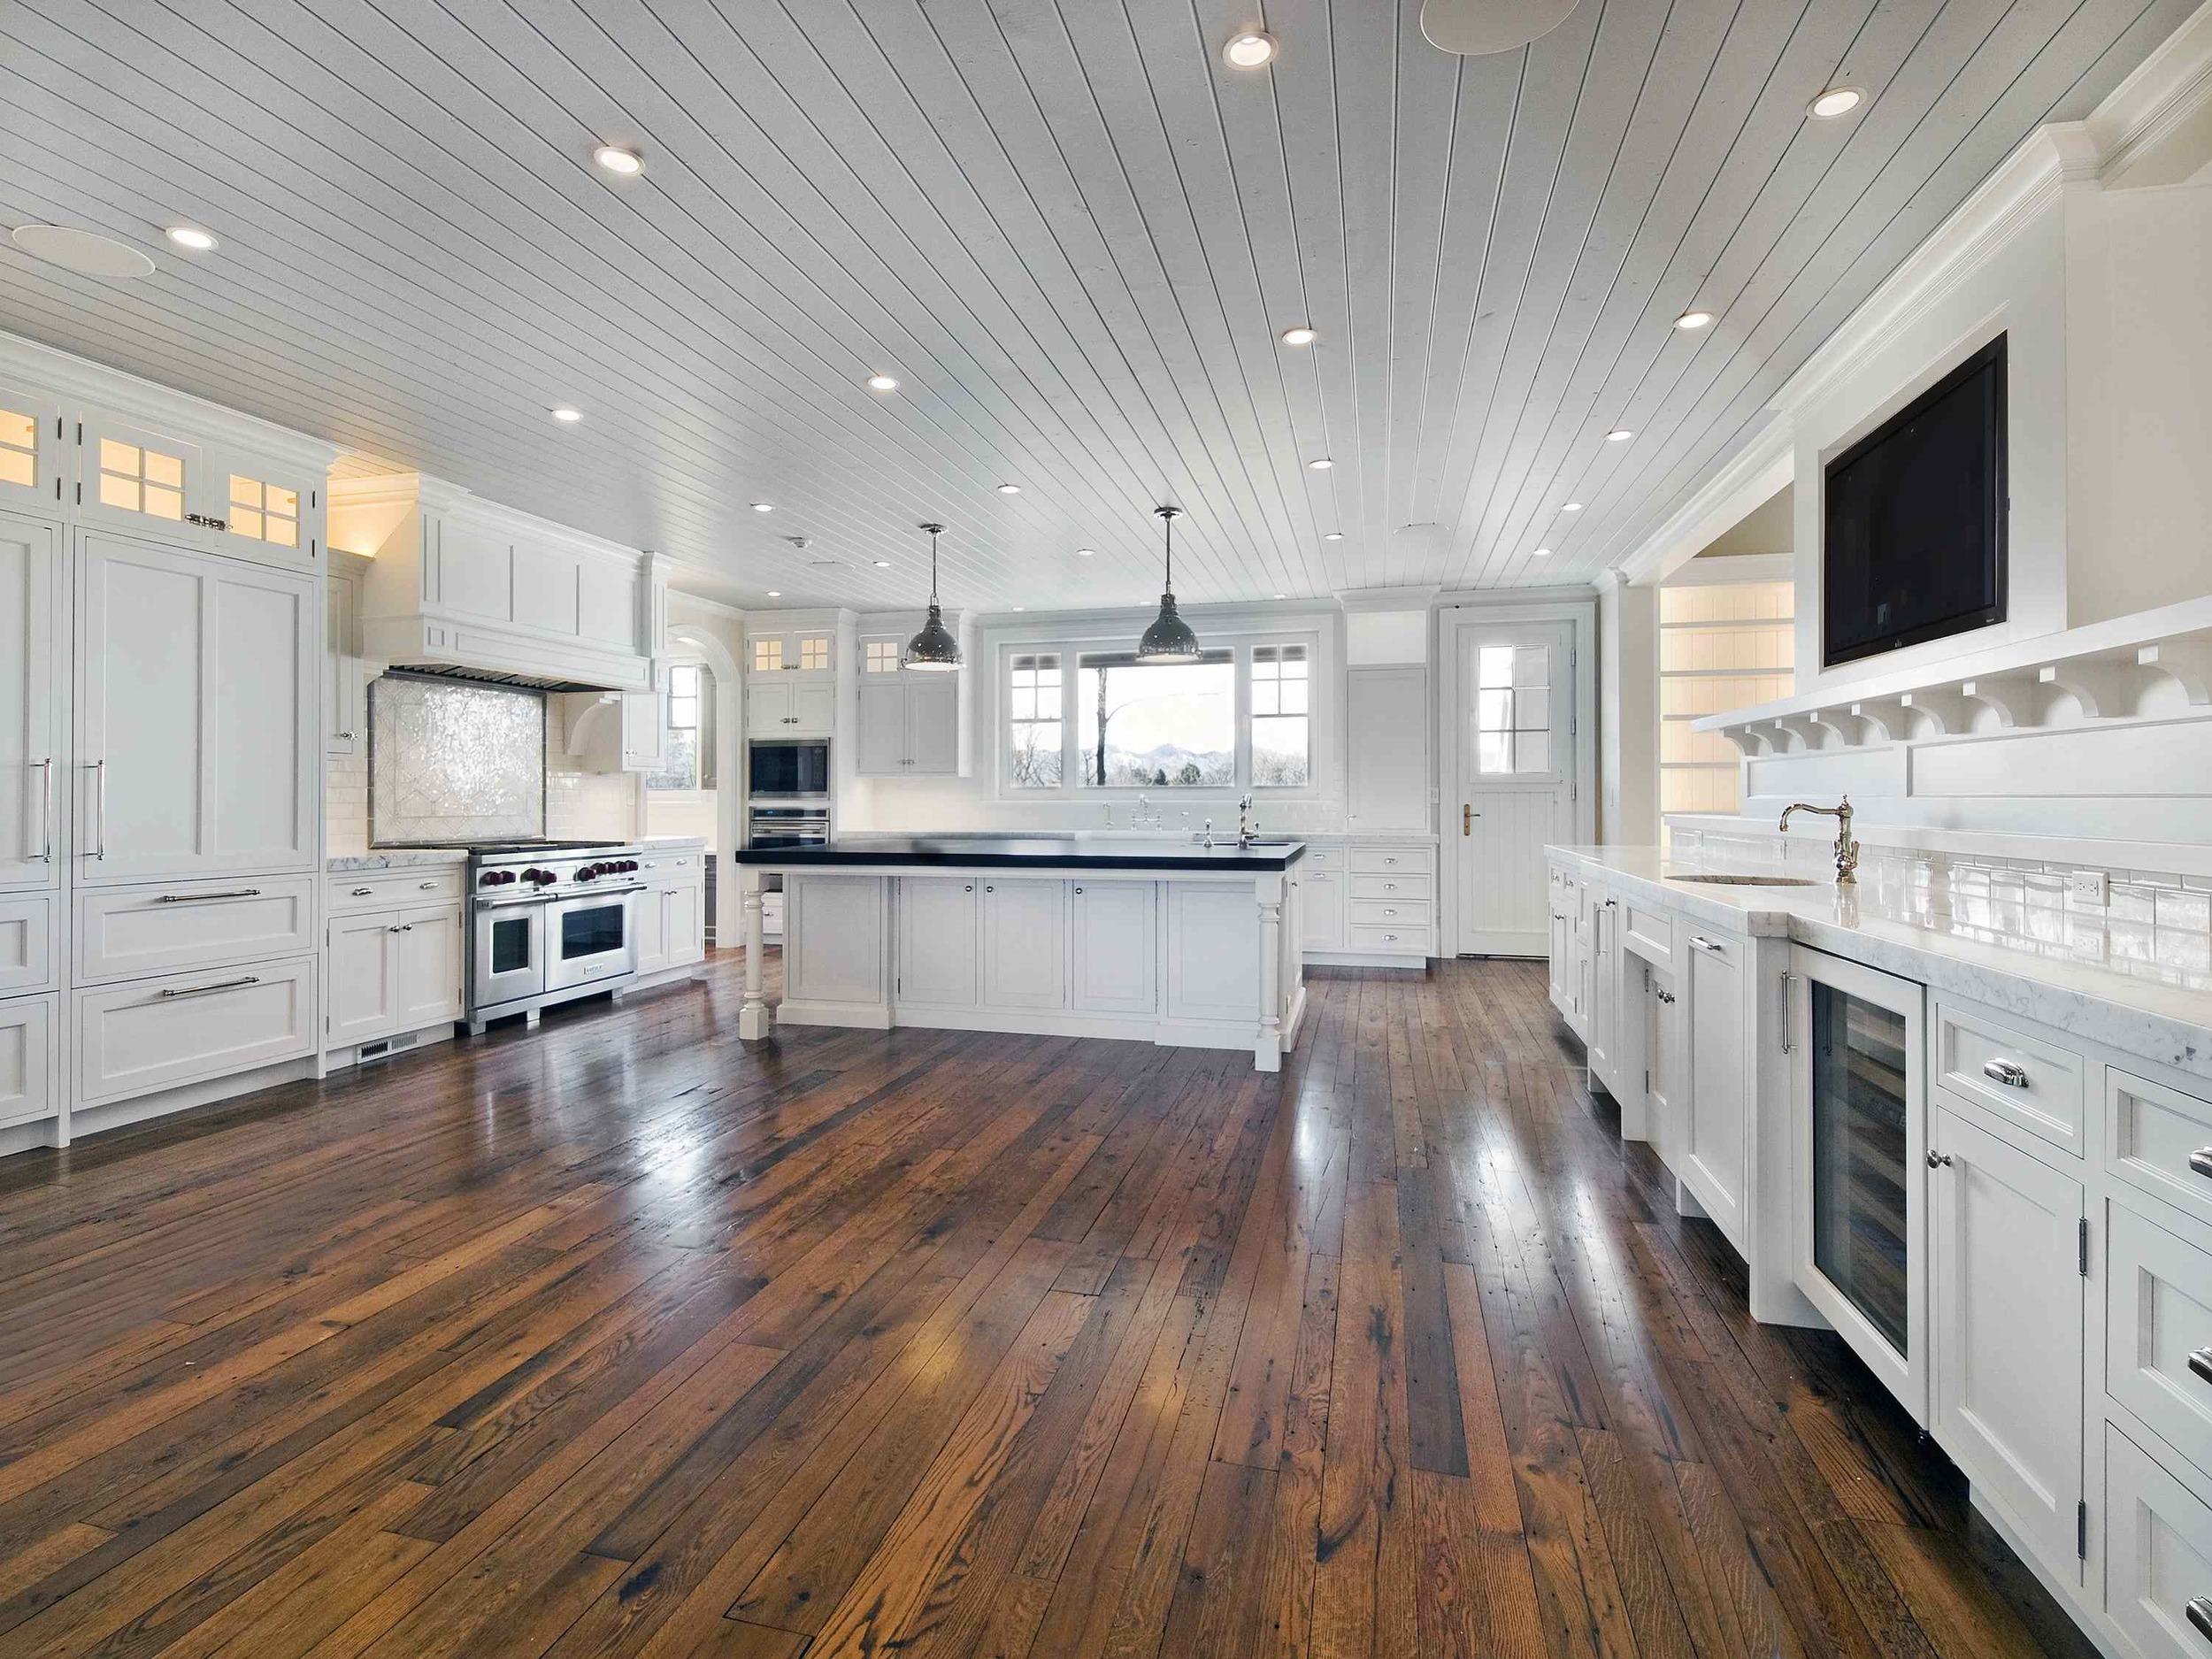 Manhattan Hardwood Floors LLC